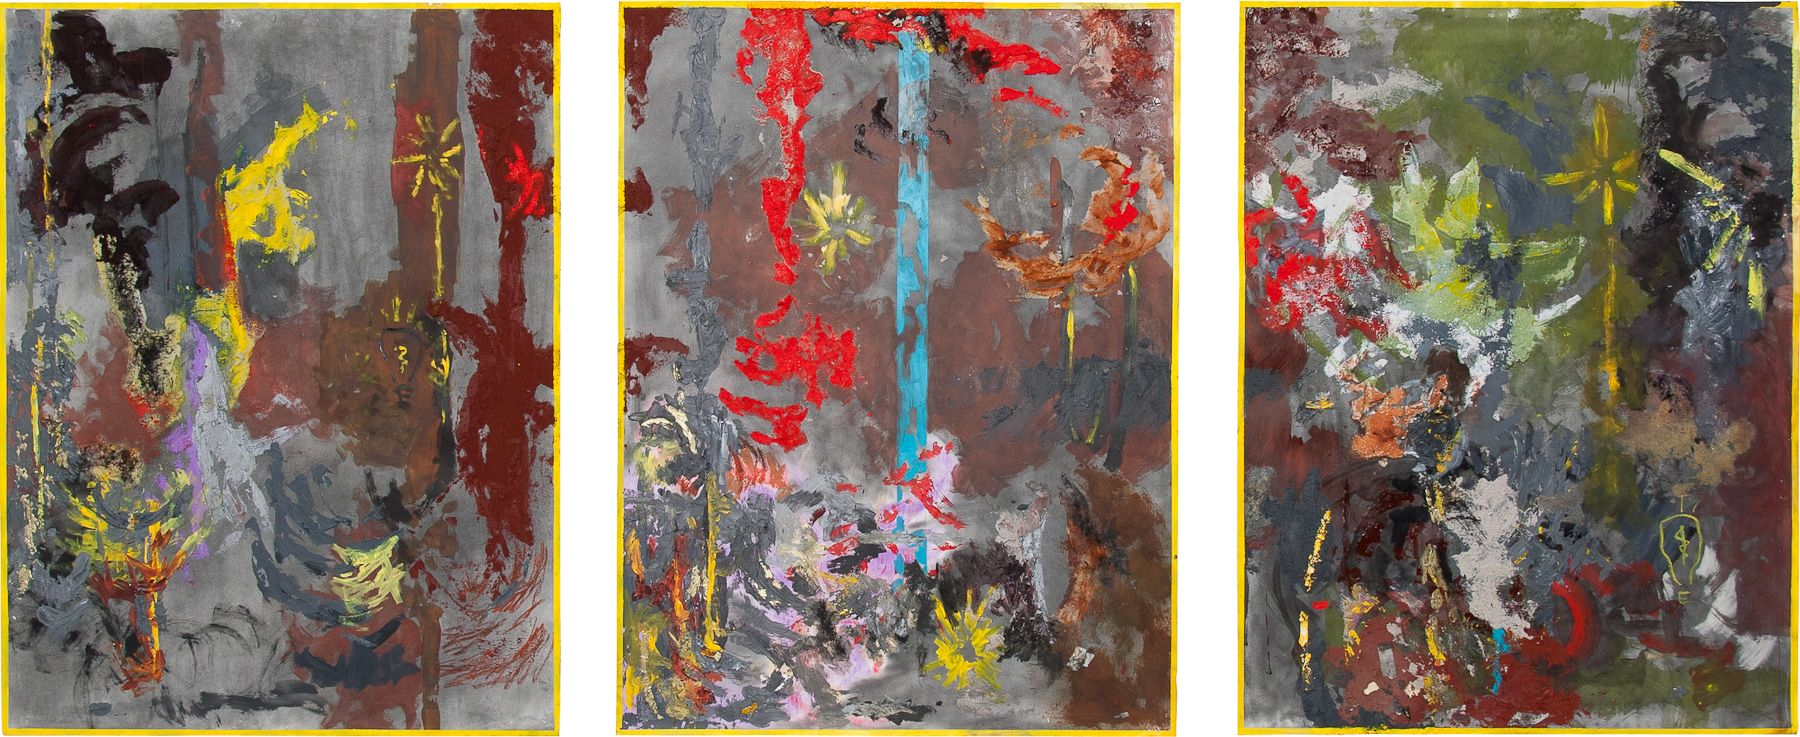 Kianja Strobert Locks Gallery